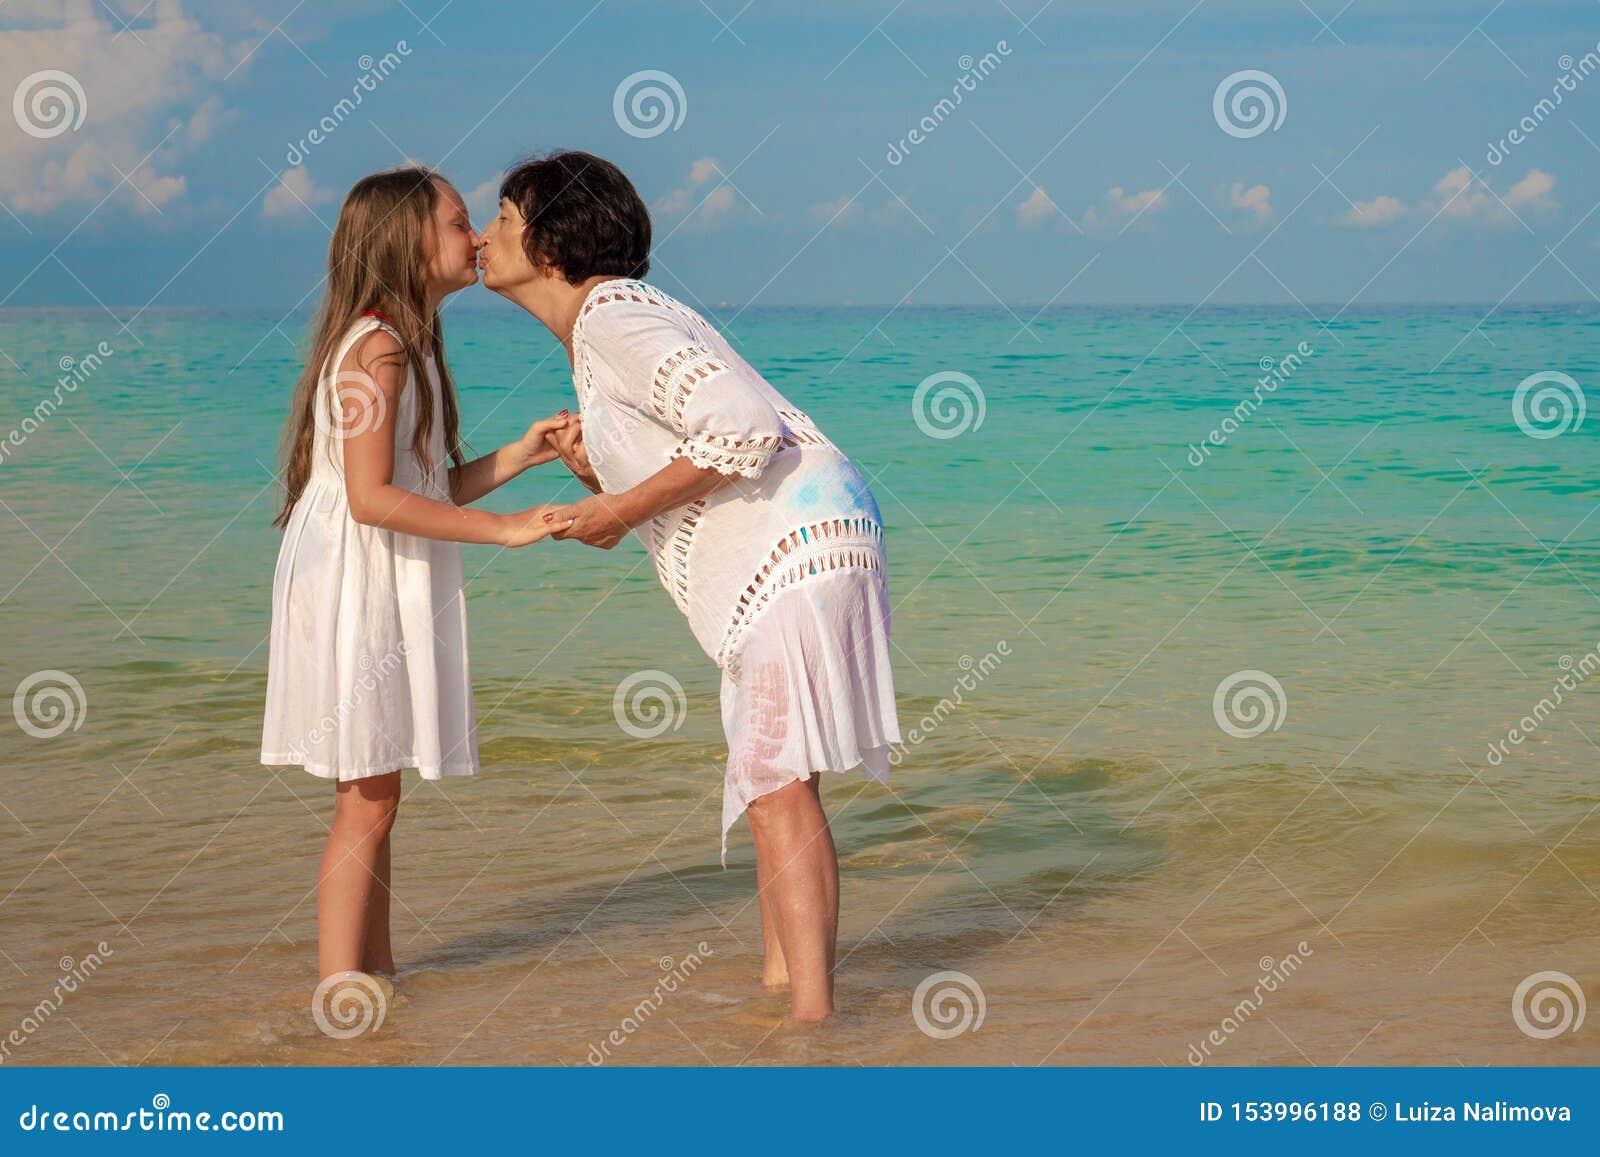 Een bejaarde en een mooi meisje op het strand De grootmoeder kust haar kleindochter op een zonnige dag Concept liefde en familie